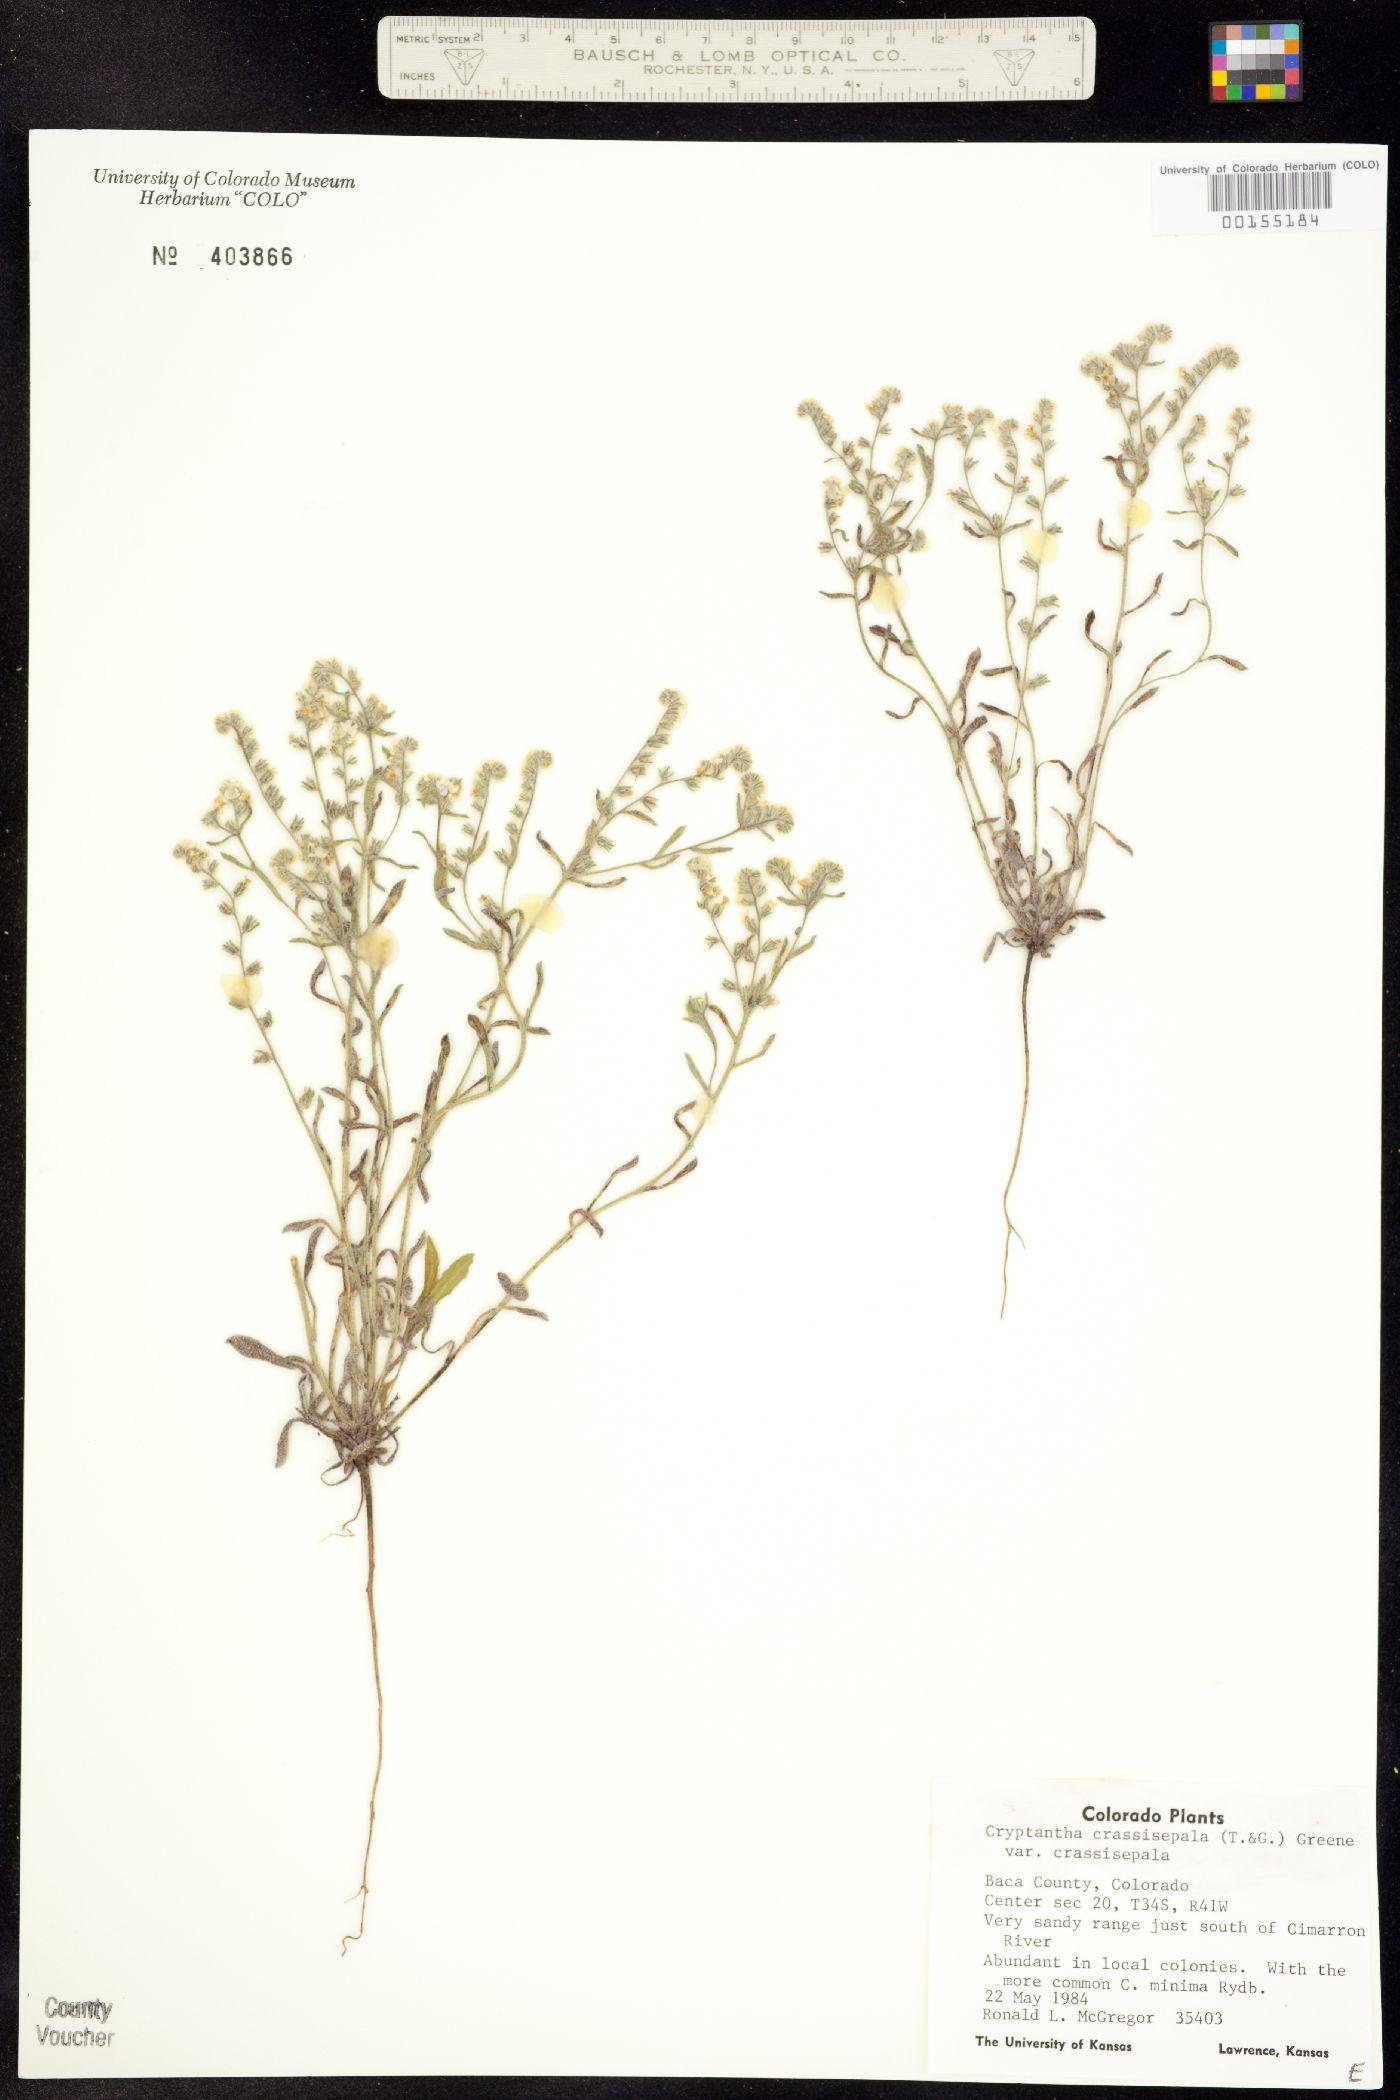 Cryptantha crassisepala var. crassisepala image